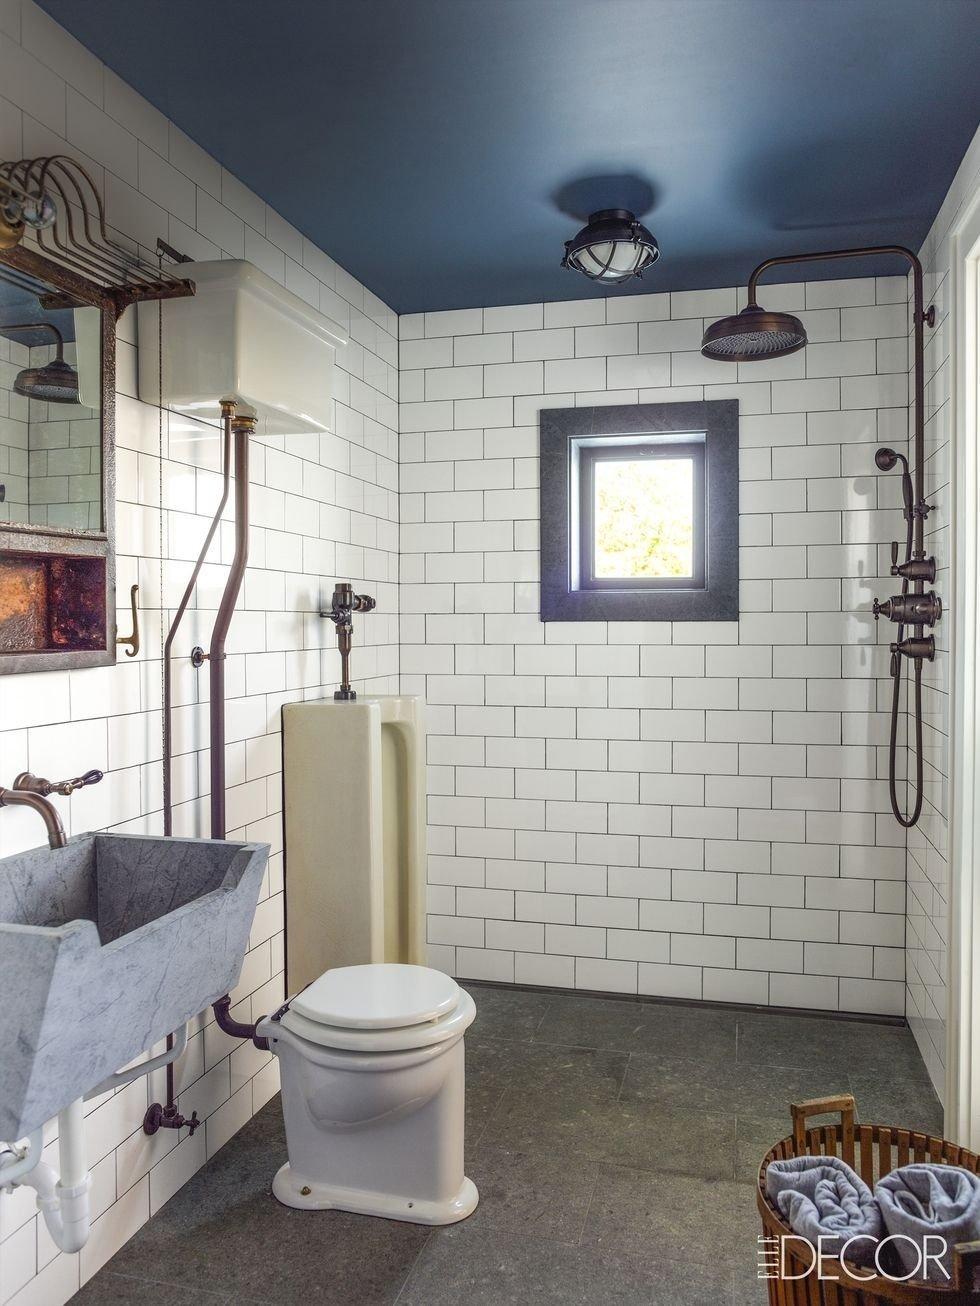 10 Spectacular Bath Ideas For Small Bathrooms 35 best small bathroom ideas small bathroom ideas and designs 2020